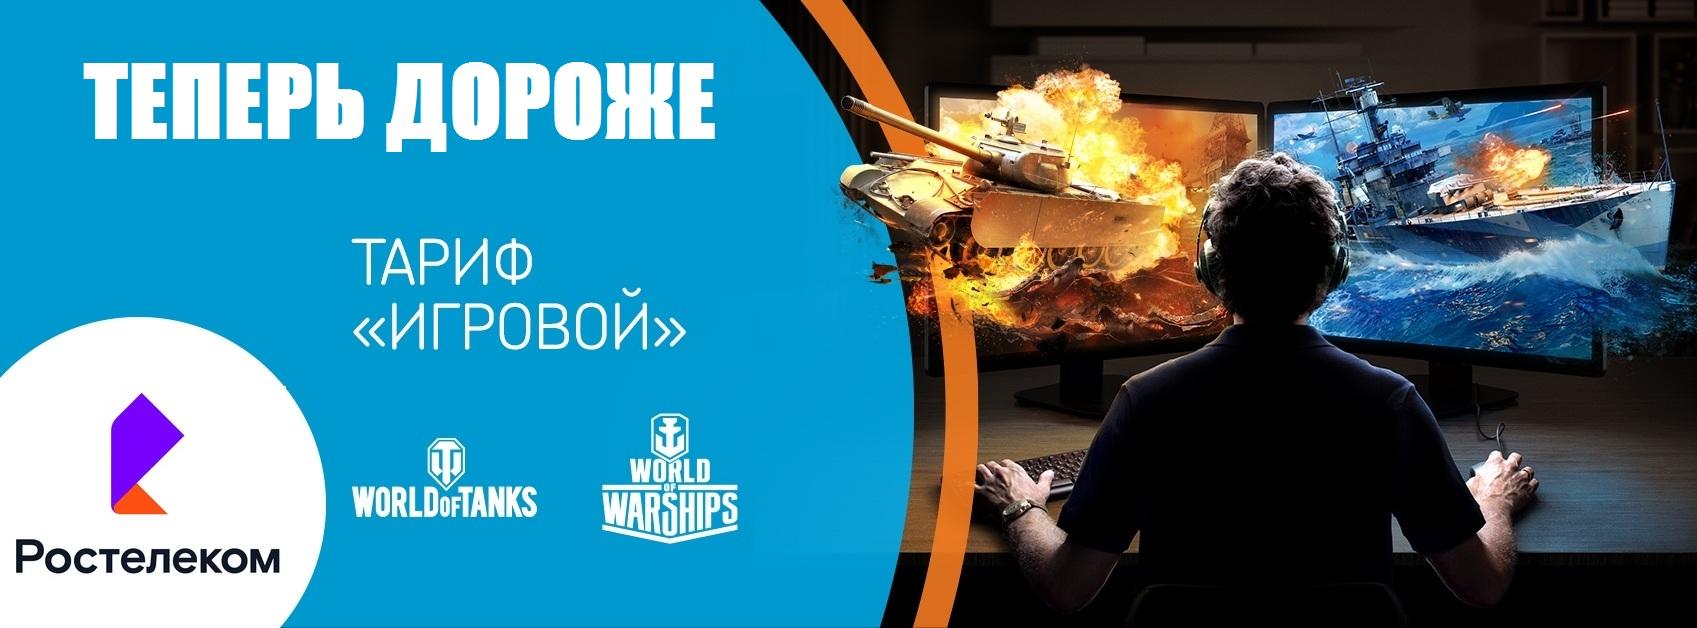 Тариф «Игровой» от Ростелеком с 01.02.2019 станет дороже на 40 рублей 1